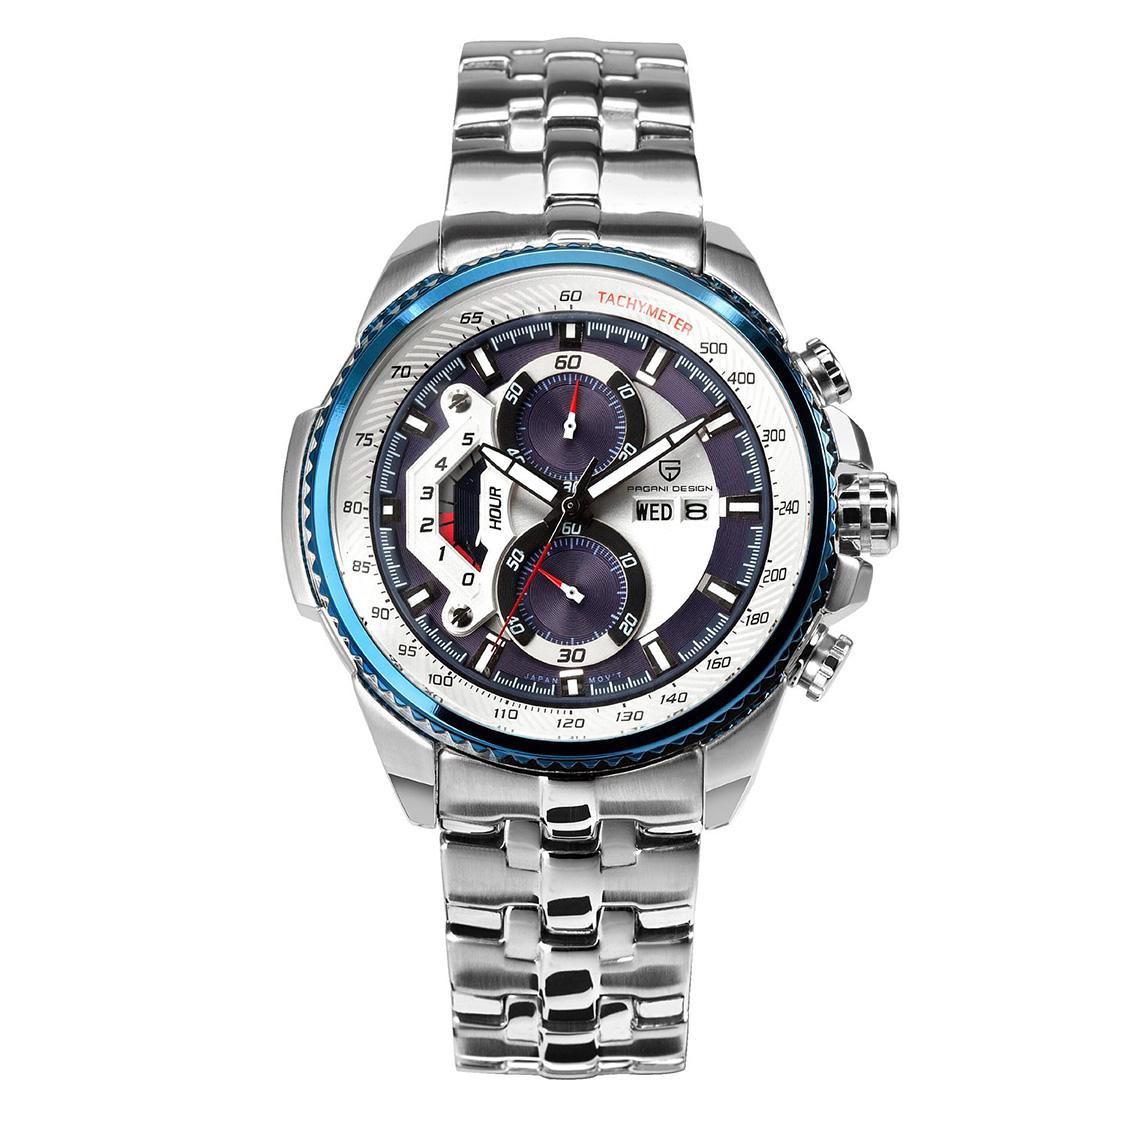 PAGANIDESIGN パガーニ クォーツ 腕時計 メンズ スポーツウォッチ [CX-0002] 並行輸入品 メーカー保証12ヶ月&純正ケース付き